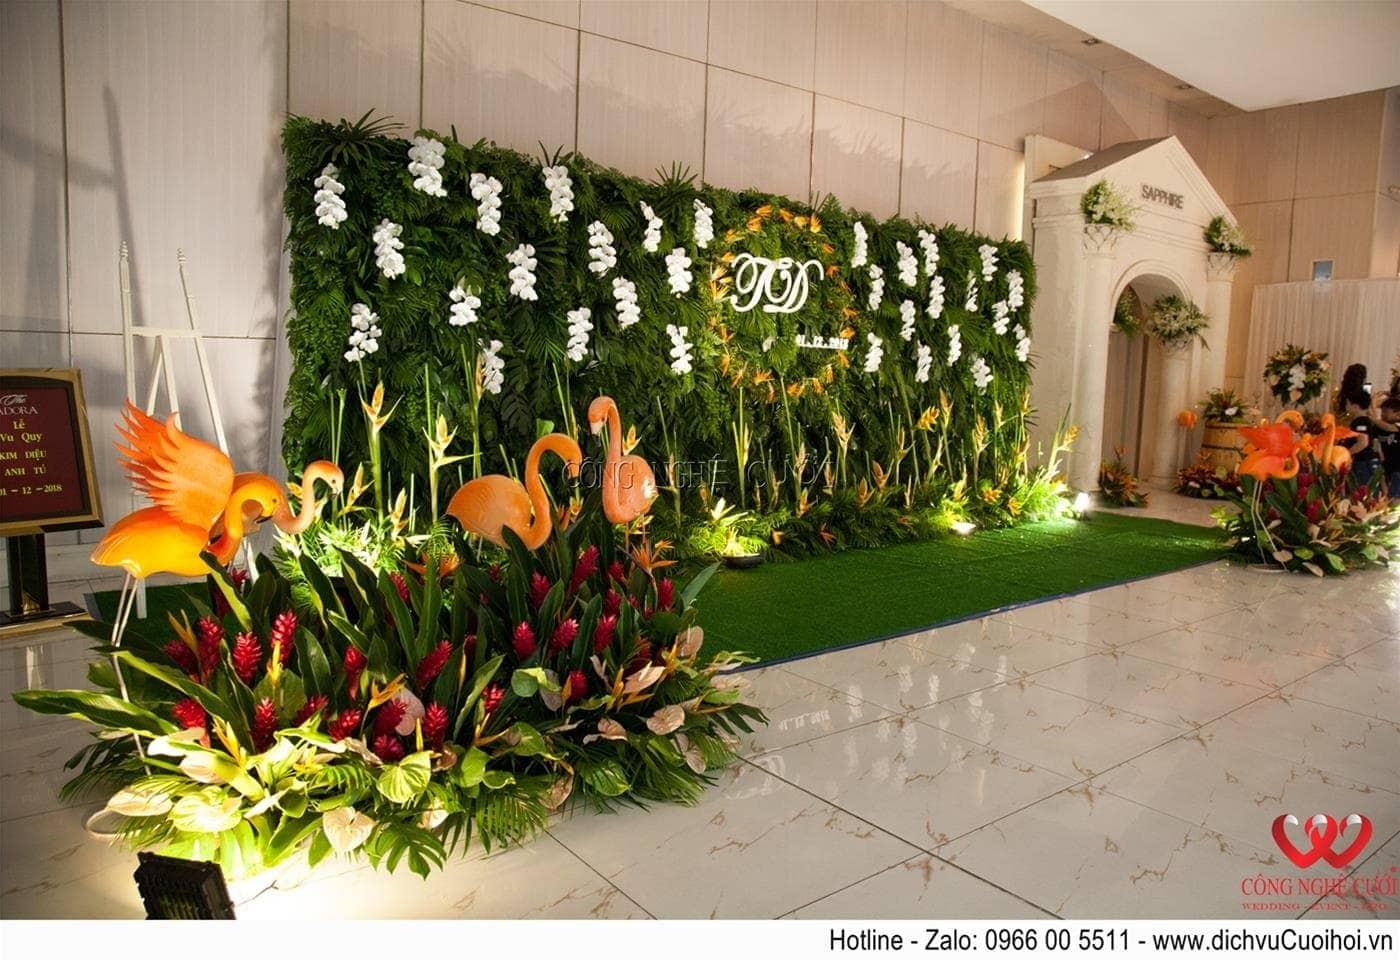 Trang trí backdrop chụp ảnh tiệc cưới Tropical